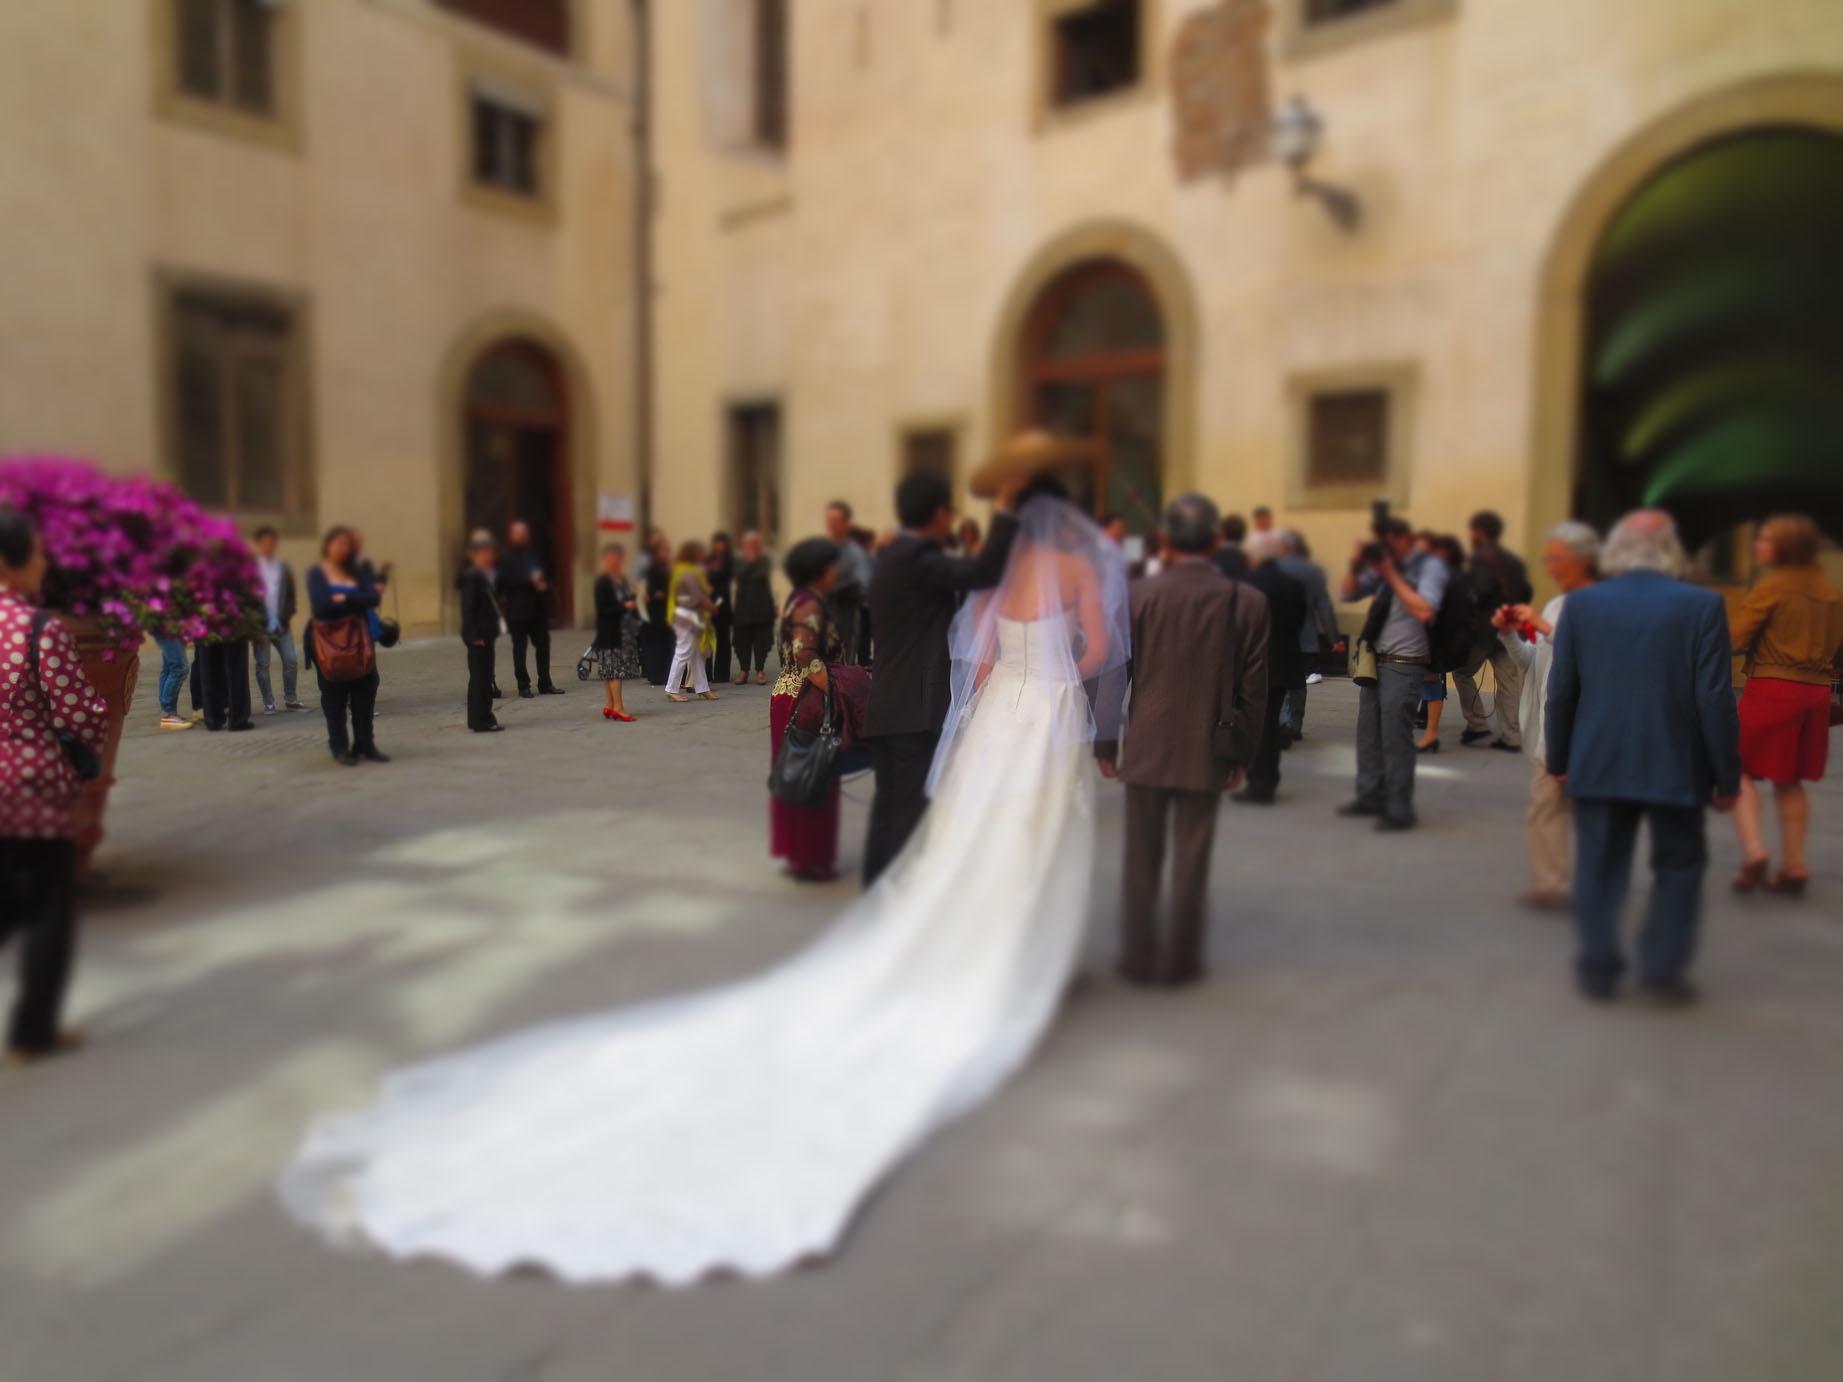 国際カップルの結婚式@FIRENZE_c0179785_16164736.jpg